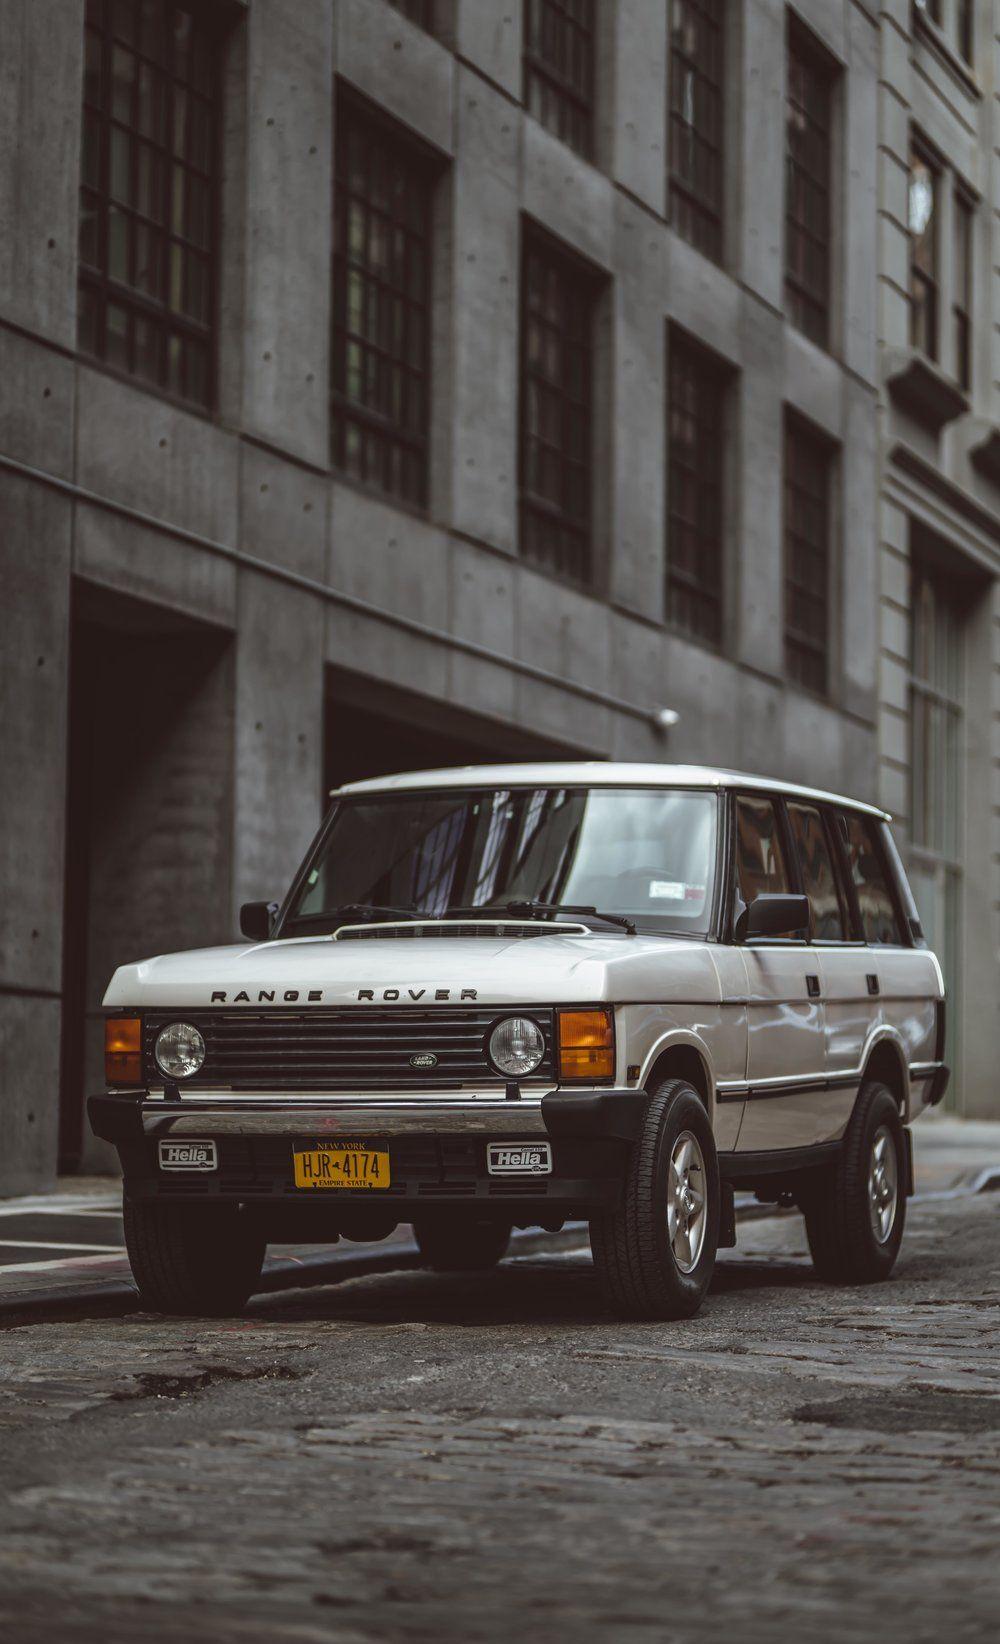 900 Range Rover Ideas In 2021 Range Rover Range Rover Classic Land Rover